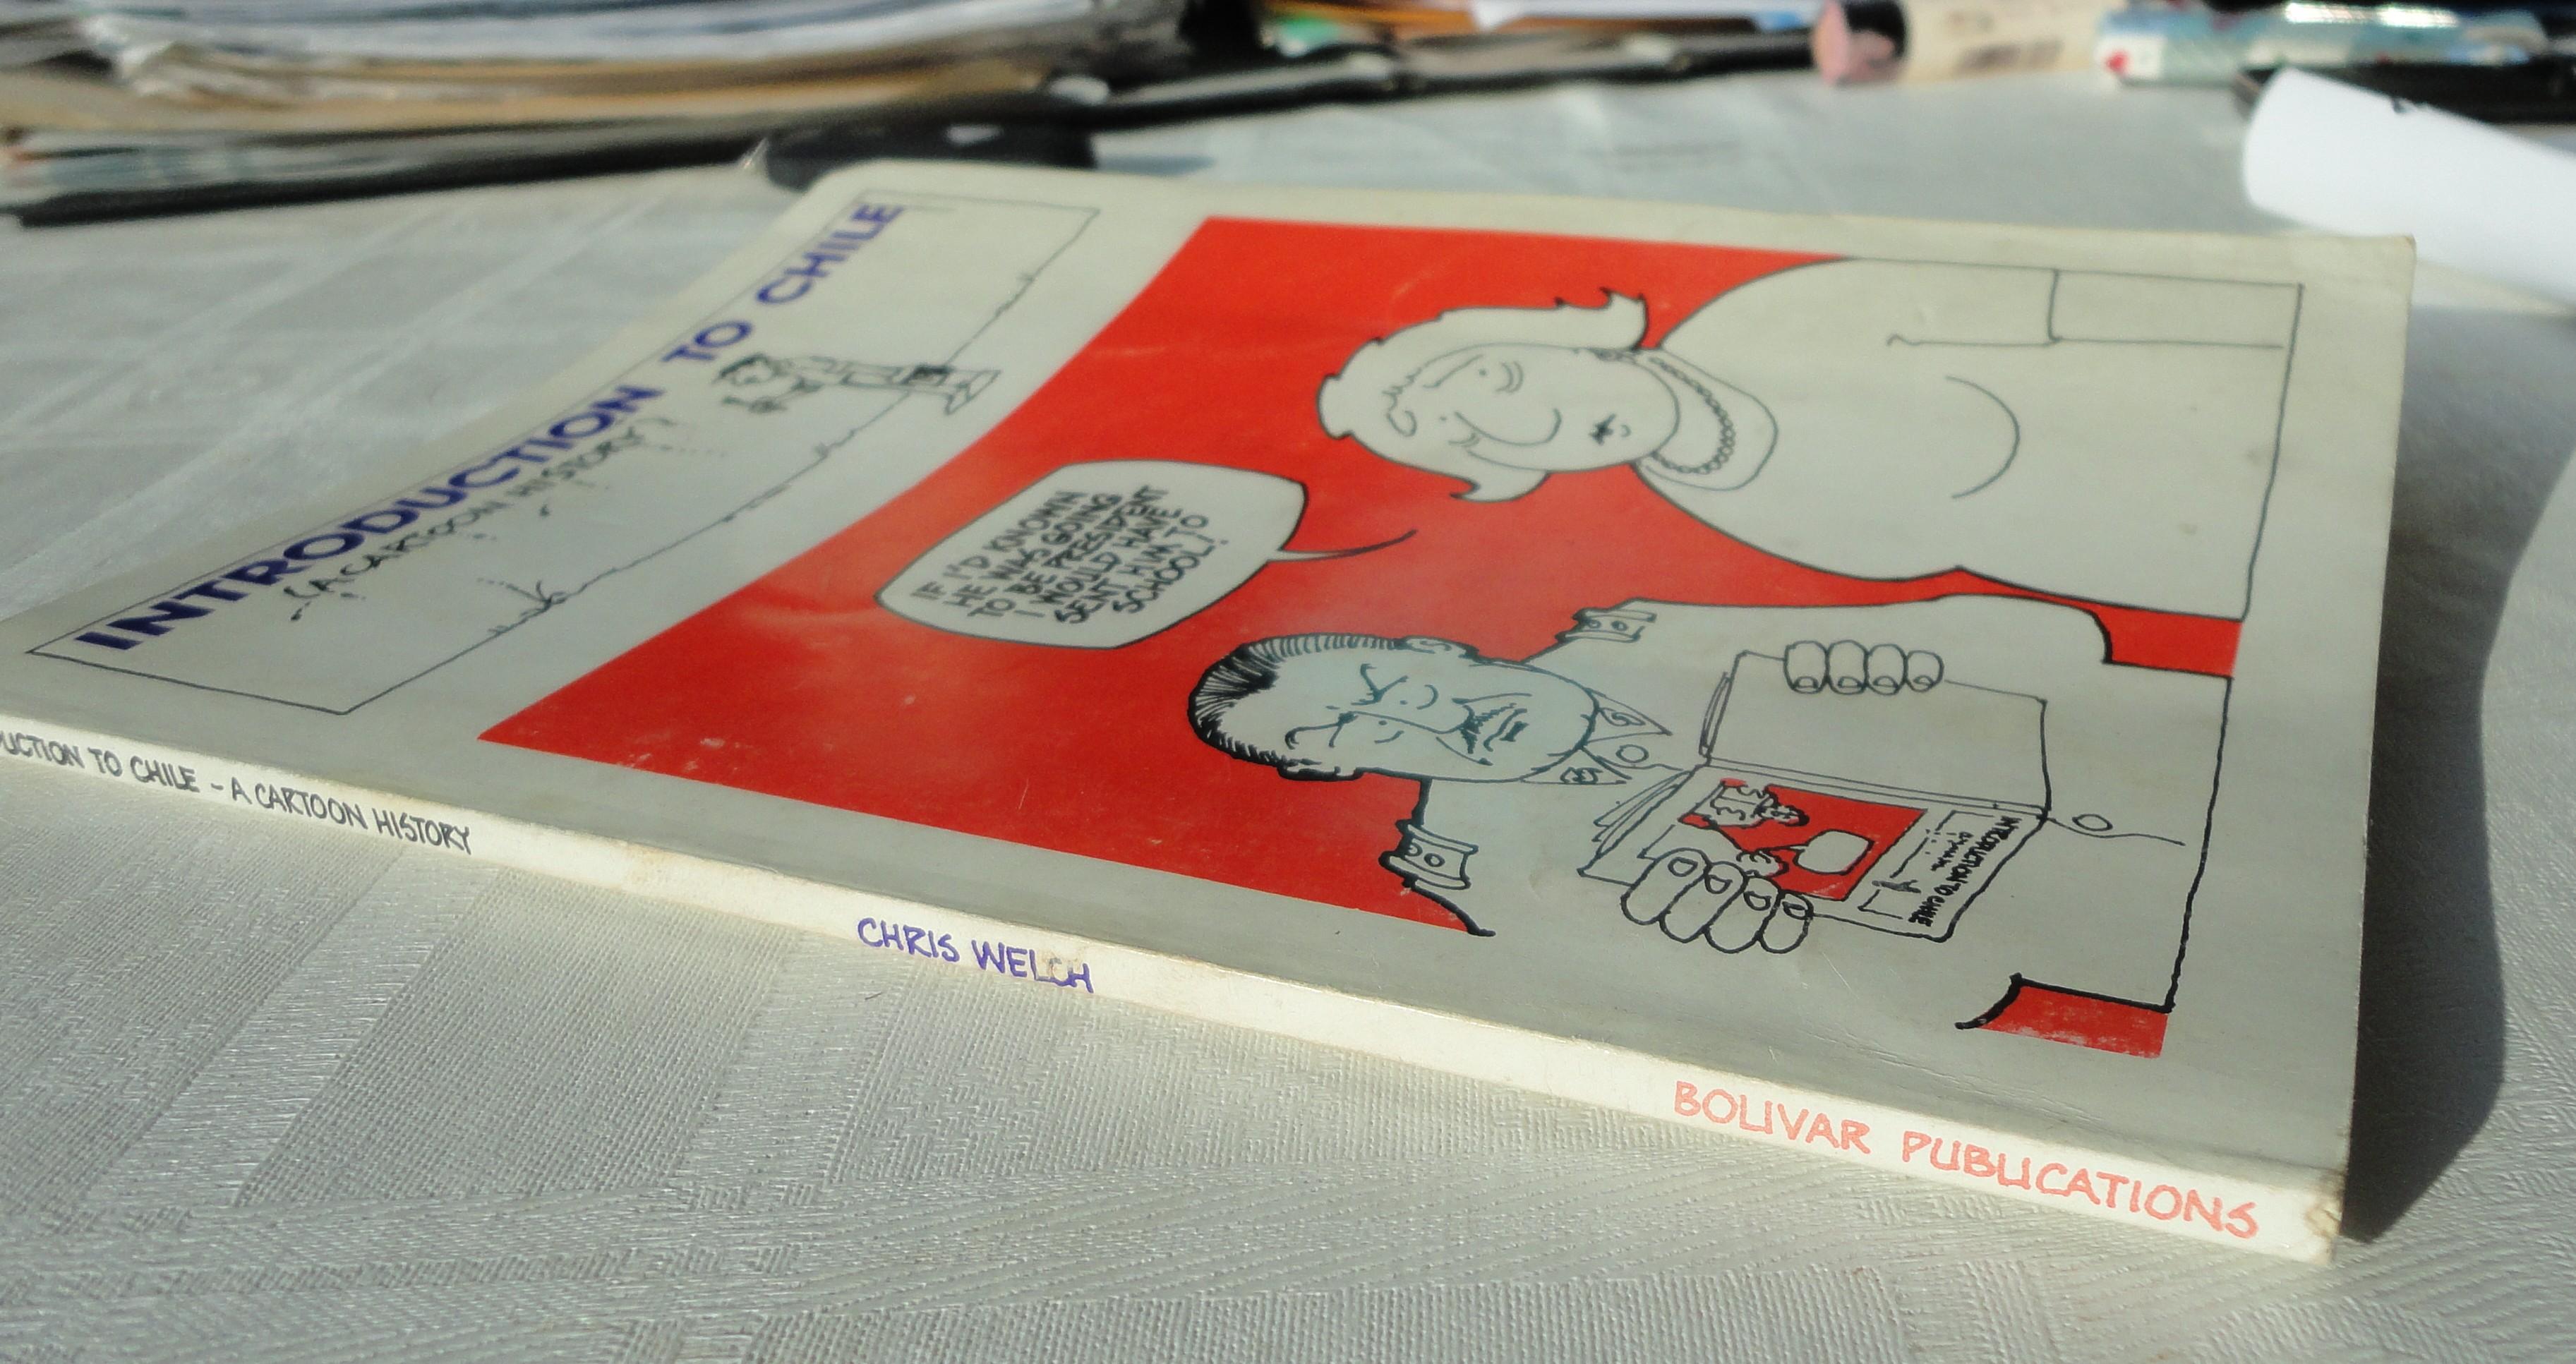 1960s homework help